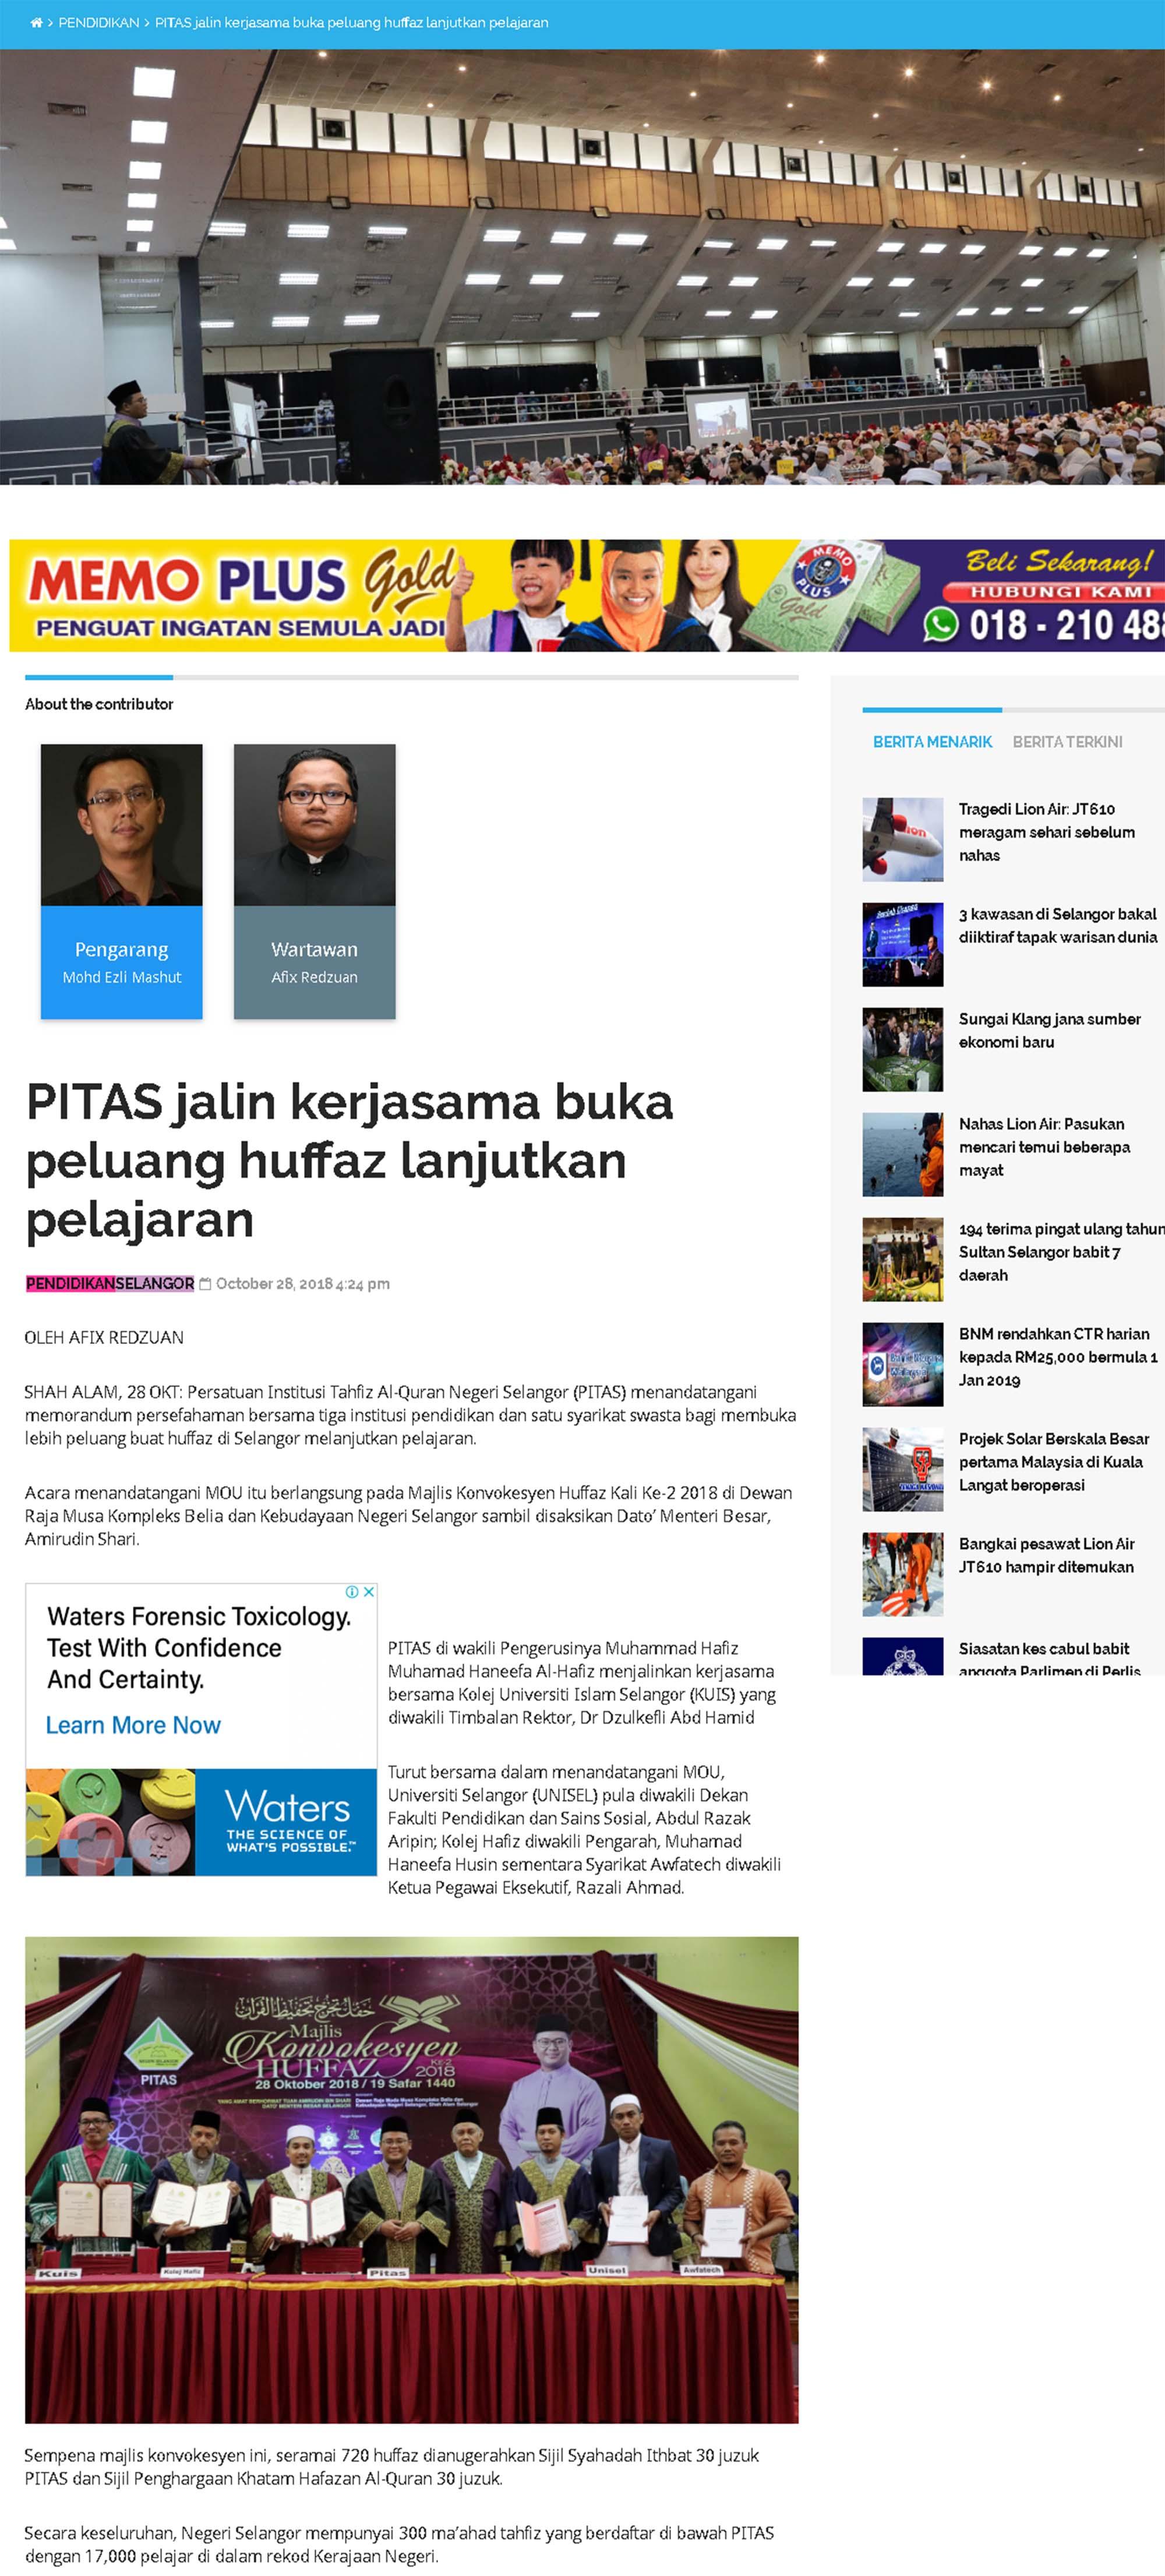 Selangorkini Online - 28 Oktober 2018